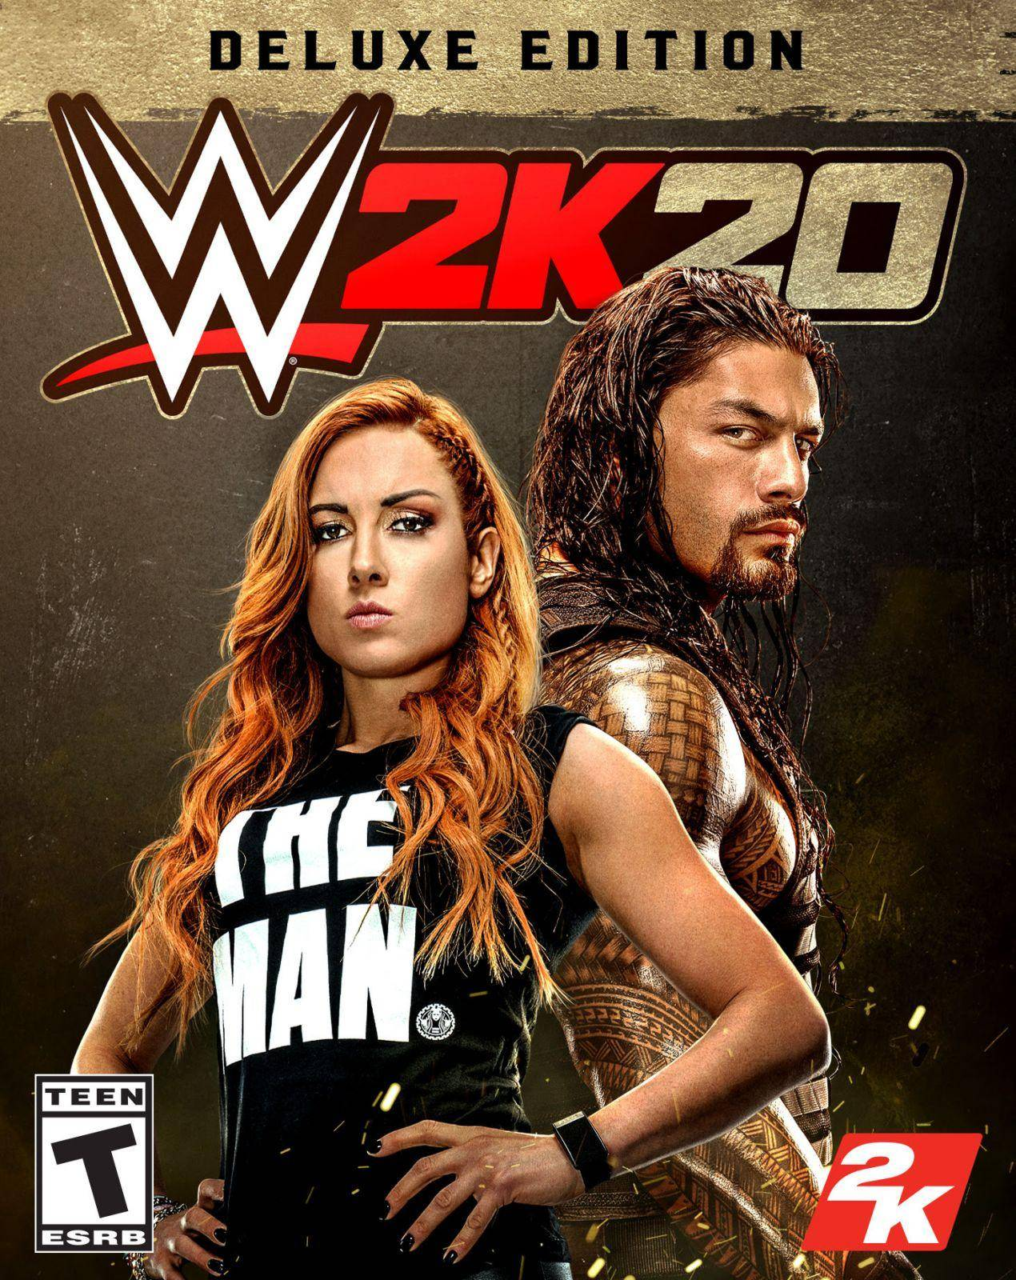 2K muestra la portada oficial de WWE 2K20 1